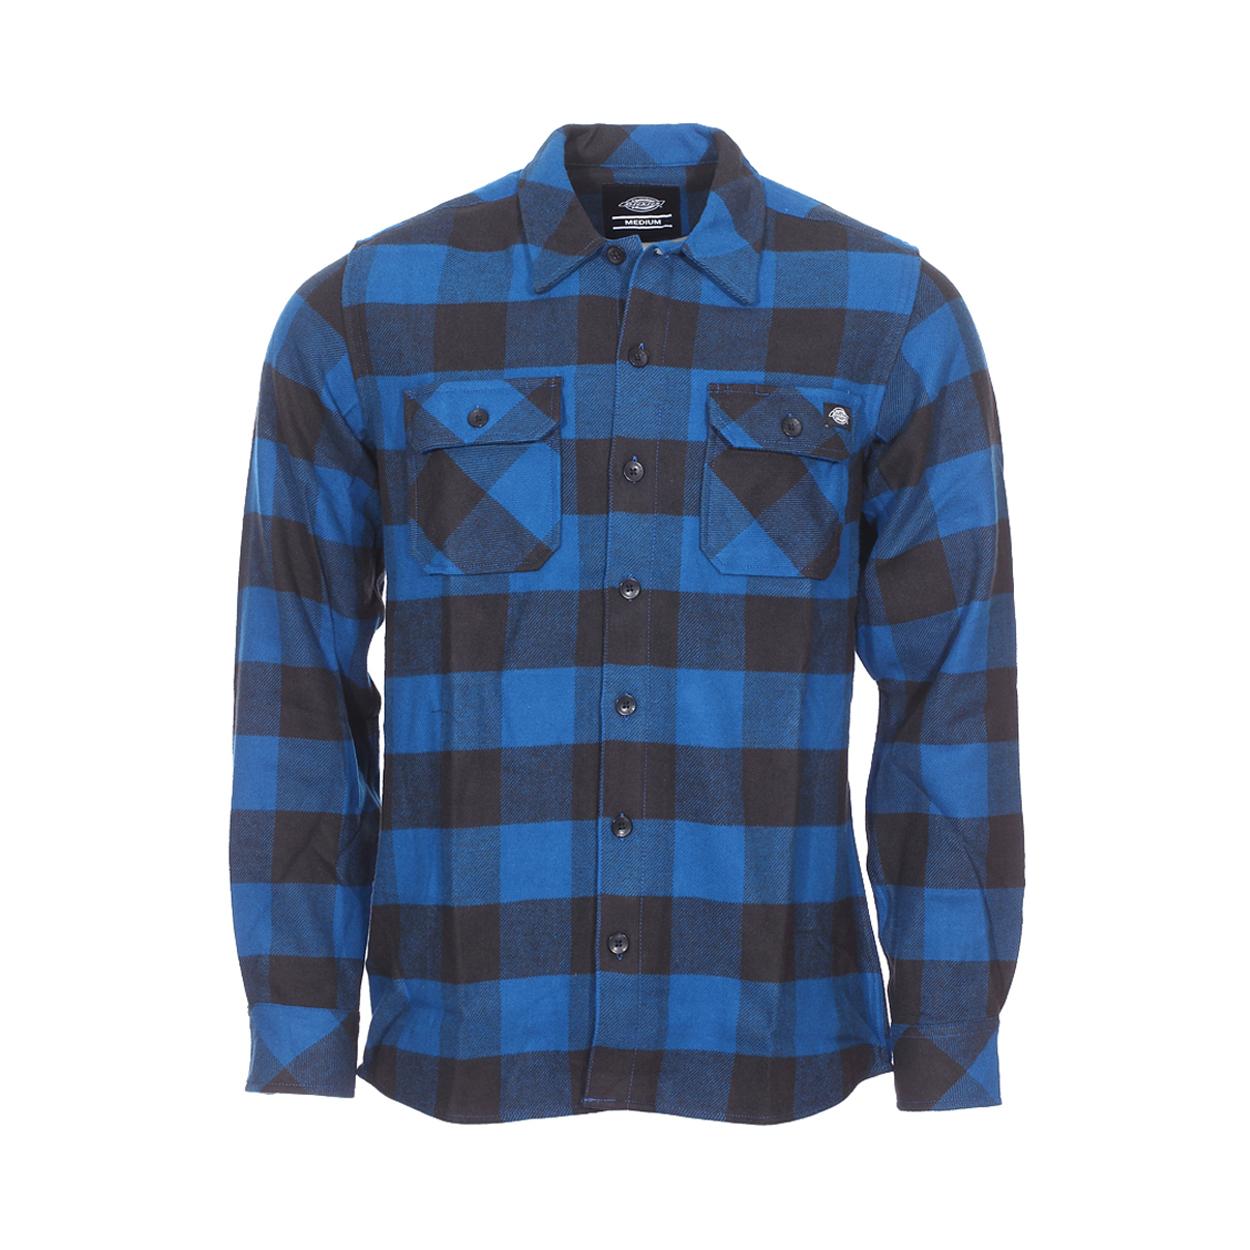 . Chemise Dickies  - Coton (100%) - Coupe droite - Manches Longues - A carreaux bleus et noirs